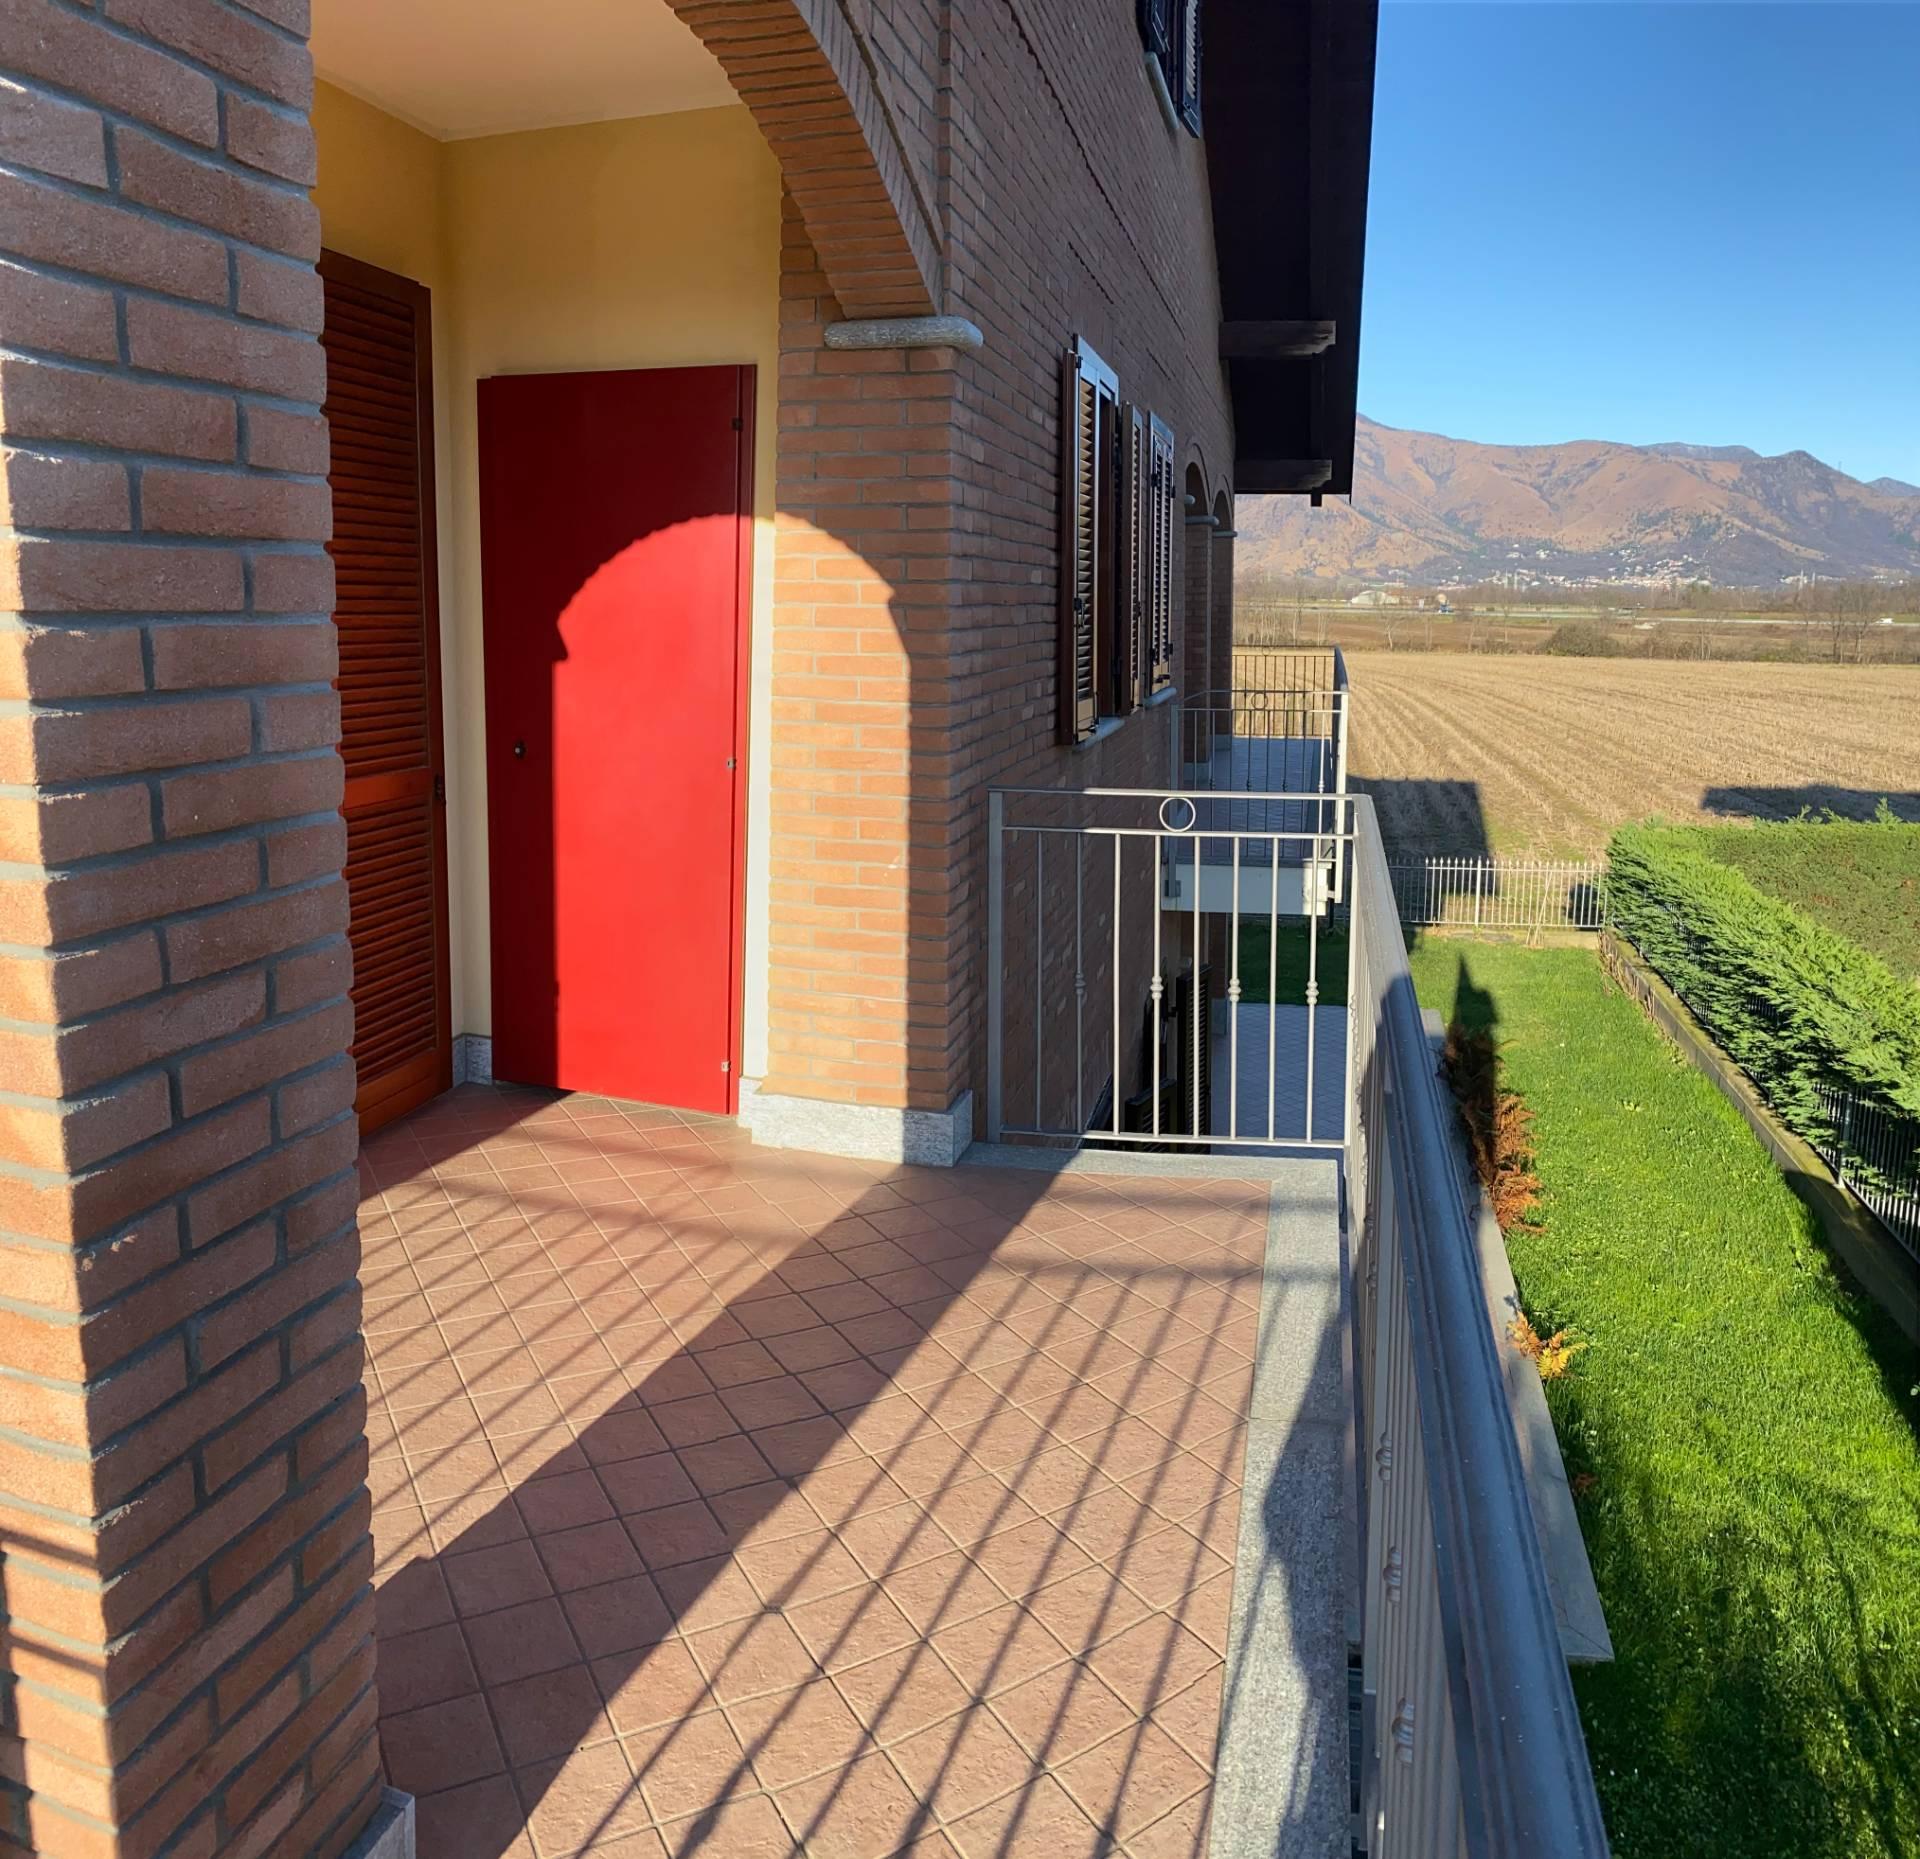 Appartamento in vendita a Pianezza, 3 locali, zona Località: Parucco, prezzo € 230.000 | CambioCasa.it